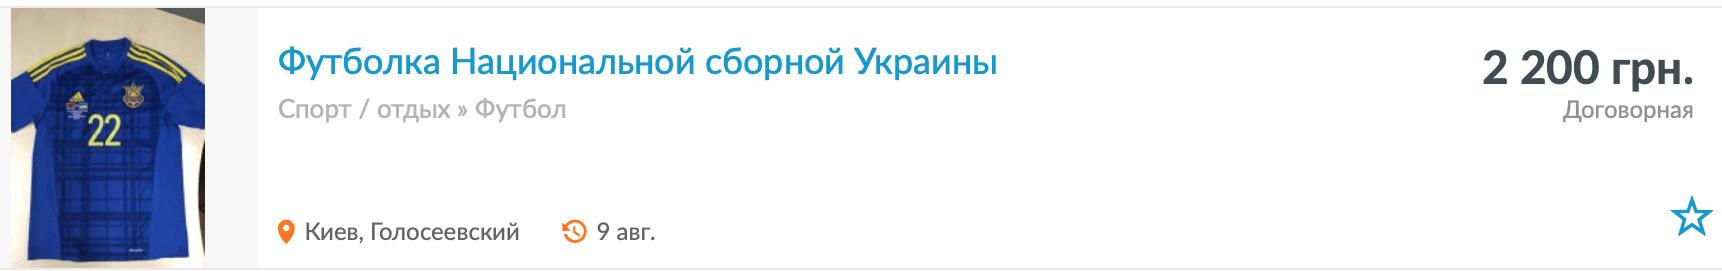 Вот это болельщики: онлайн можно купить футболки Шевченко, Ярмоленко и многих других (Фото) - изображение 10